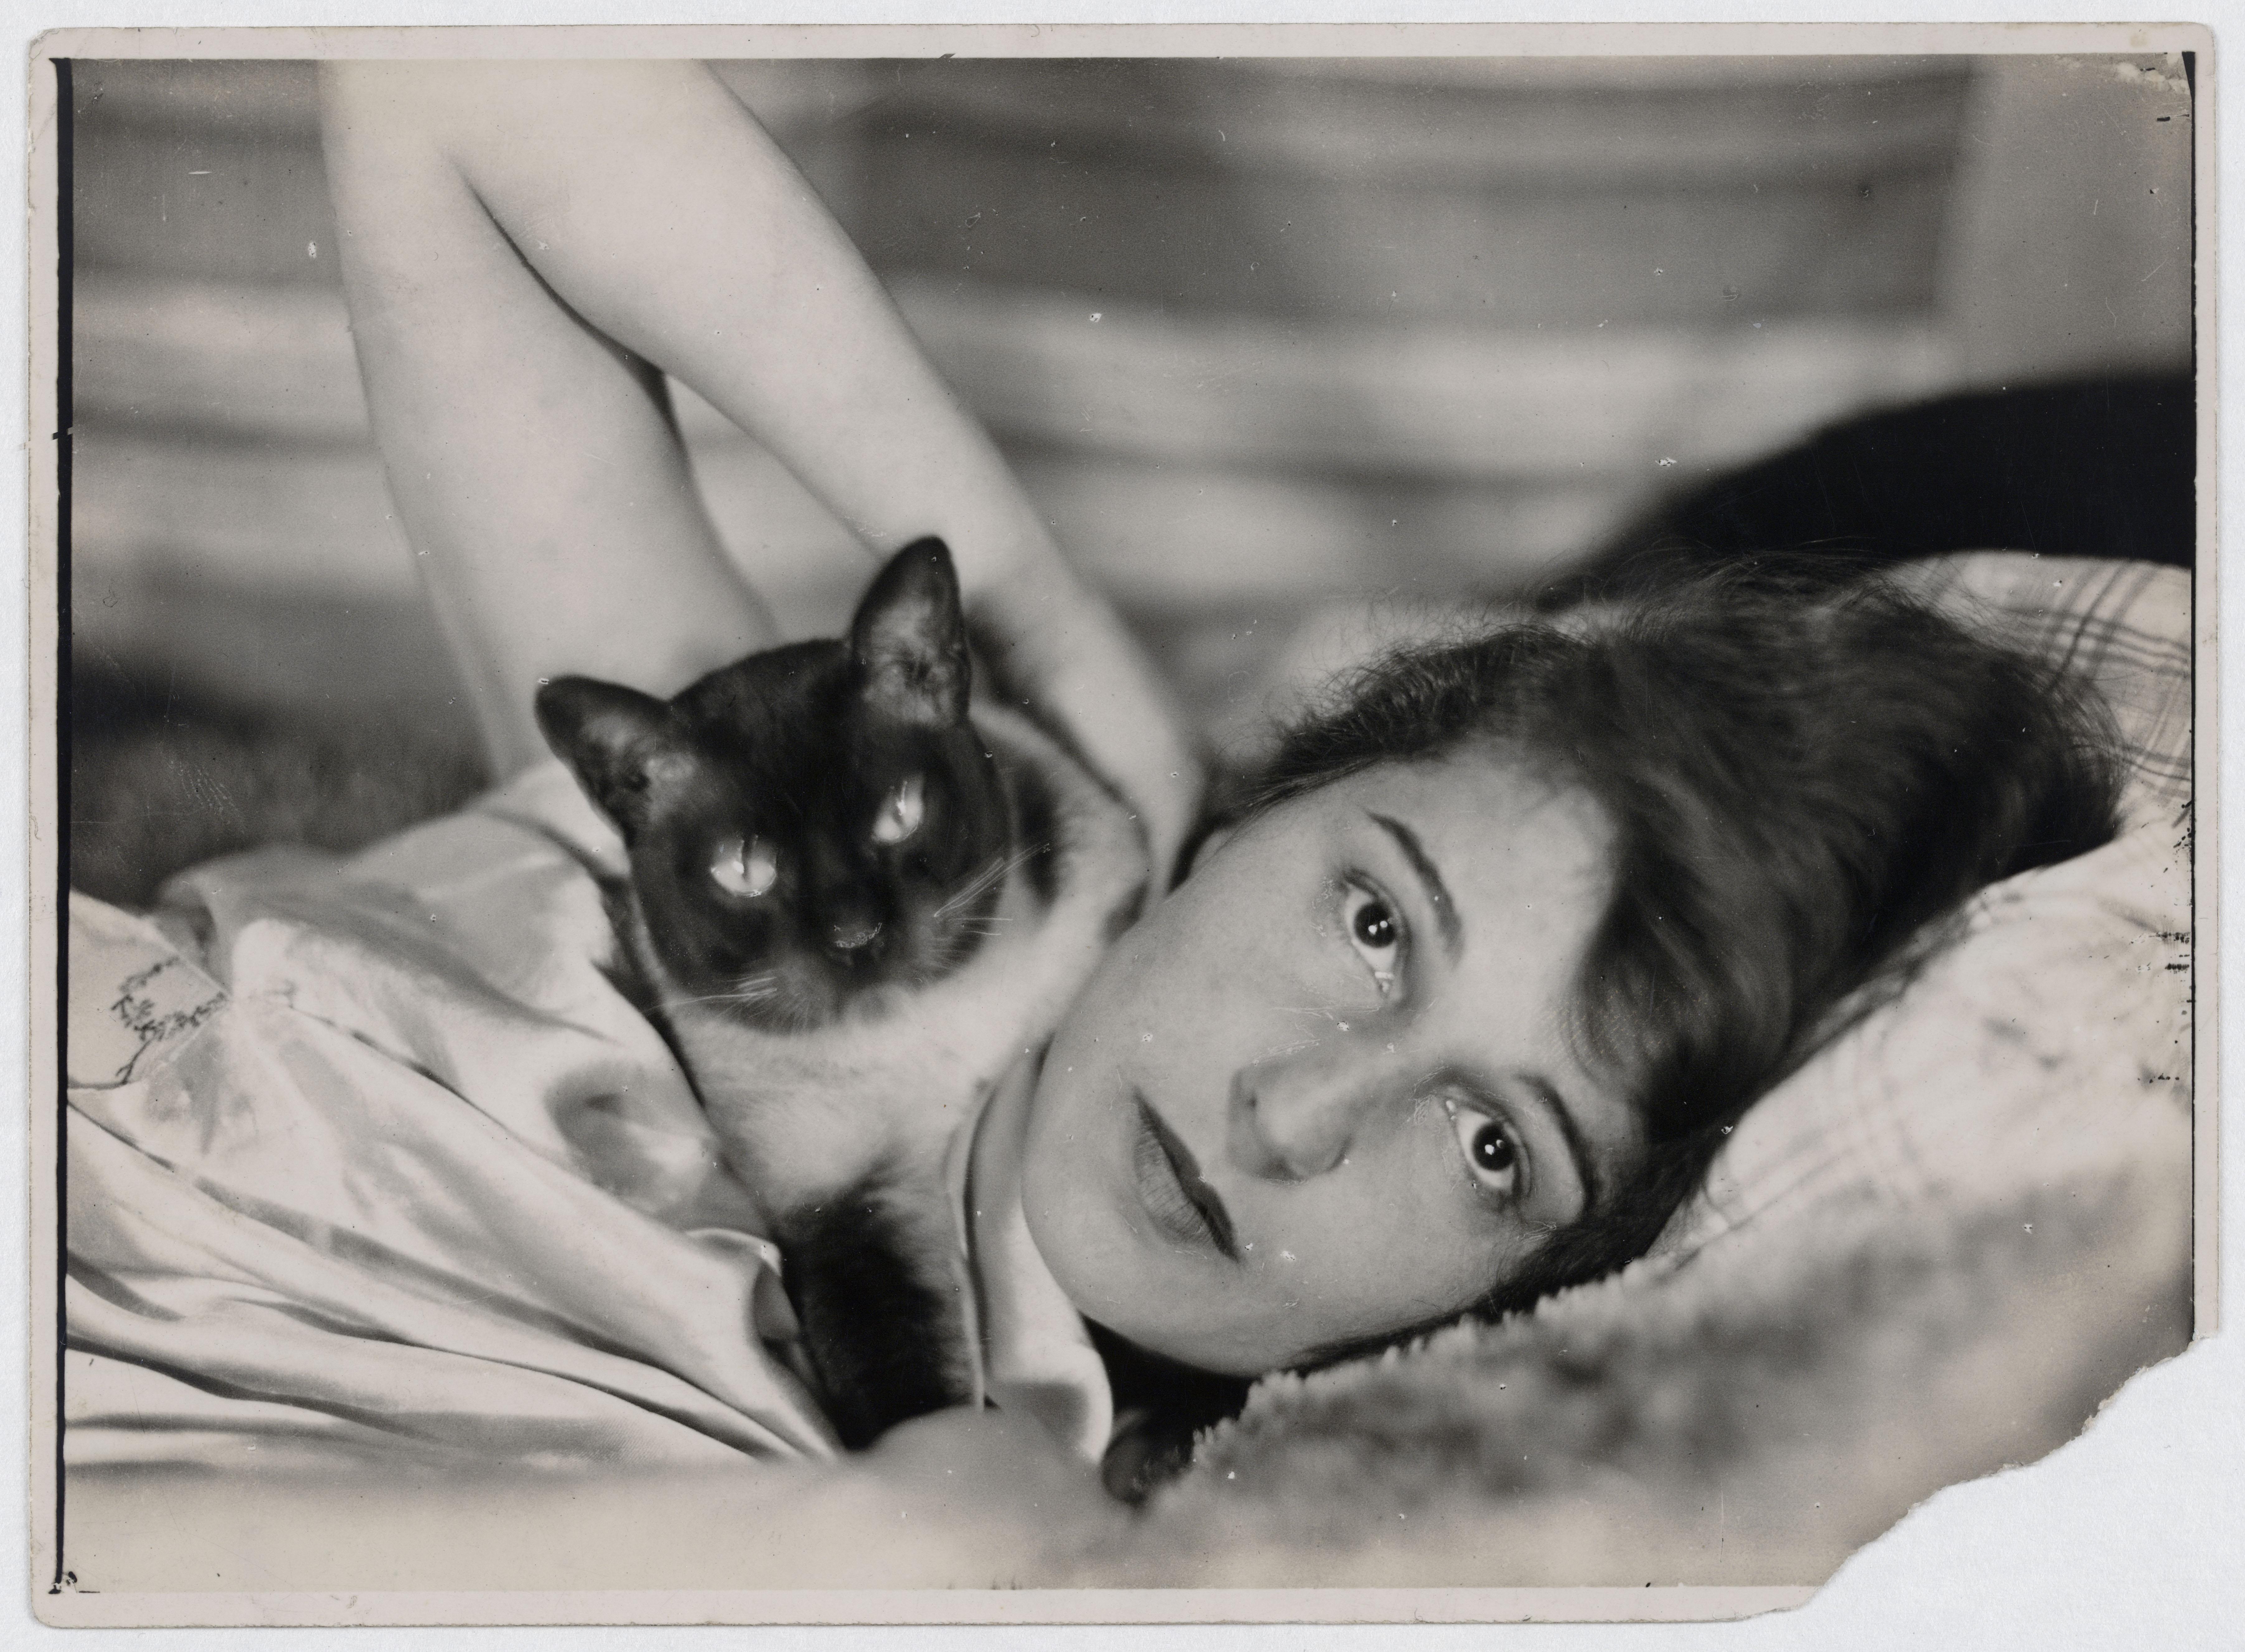 Umbo_Ruth-Landshoff-mit-Katze_1928_Berlinische-Galerie